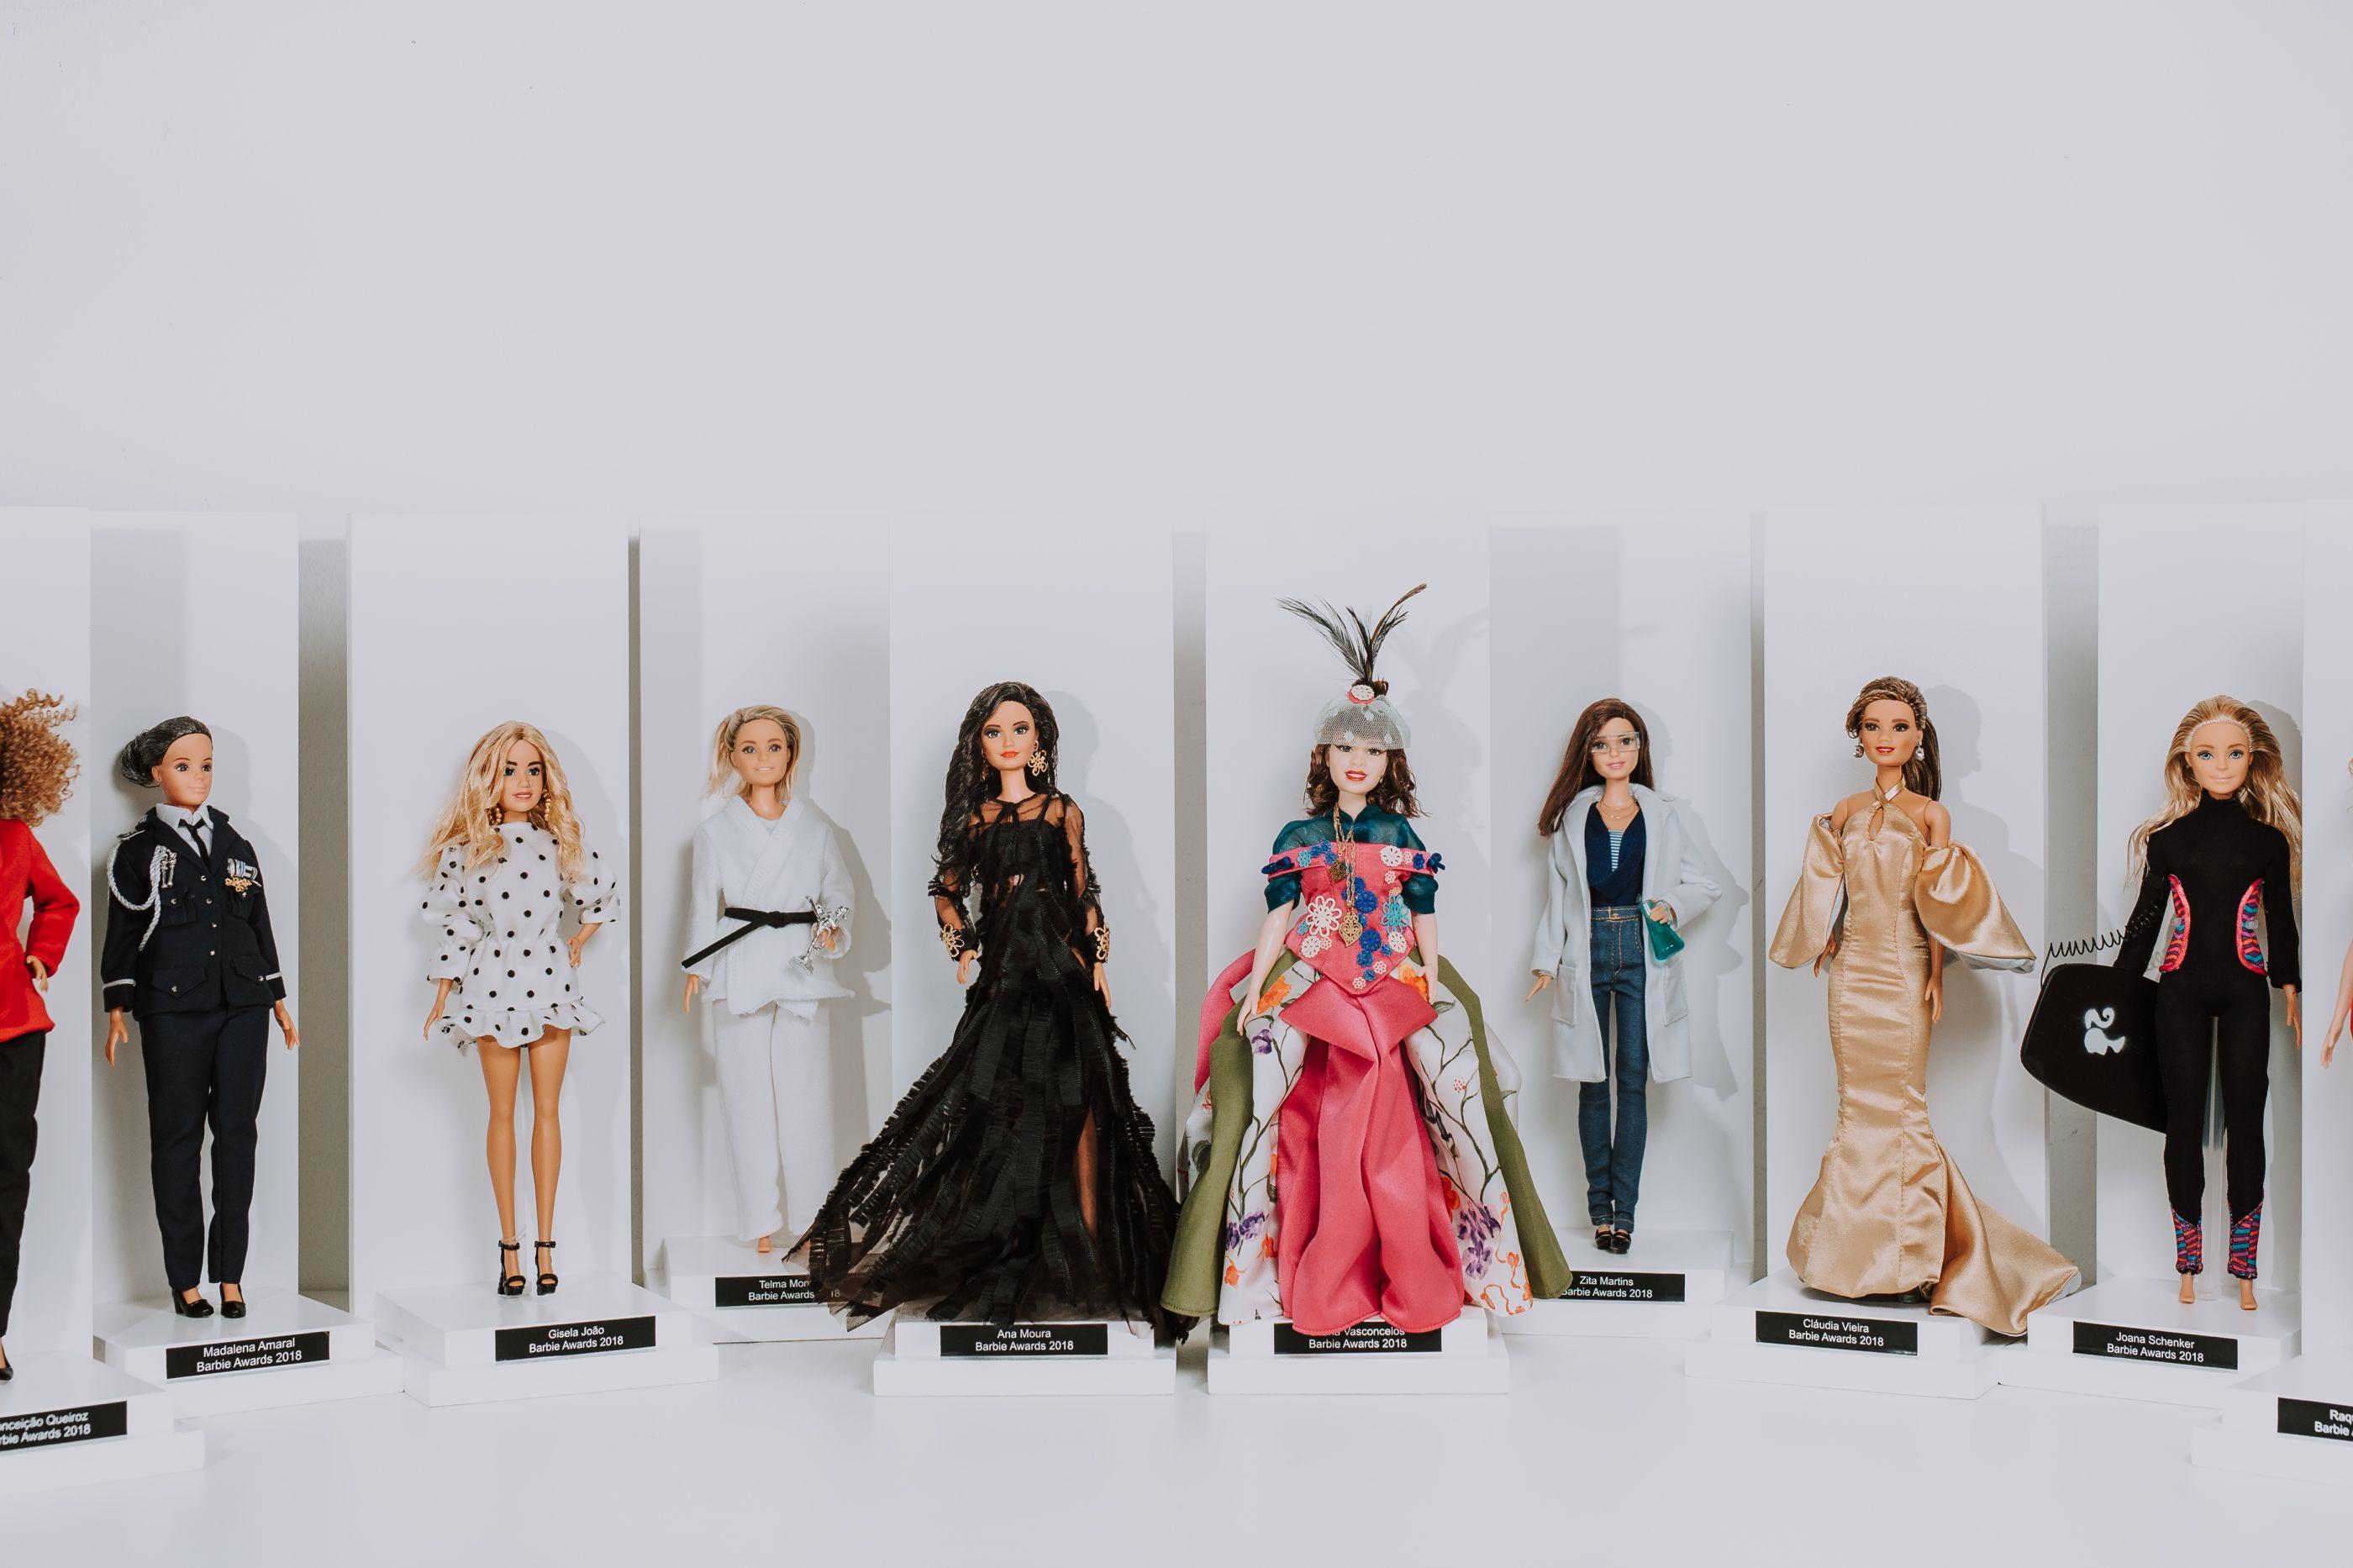 Barbie celebra mulheres inspiradoras no Dia Internacional das Raparigas